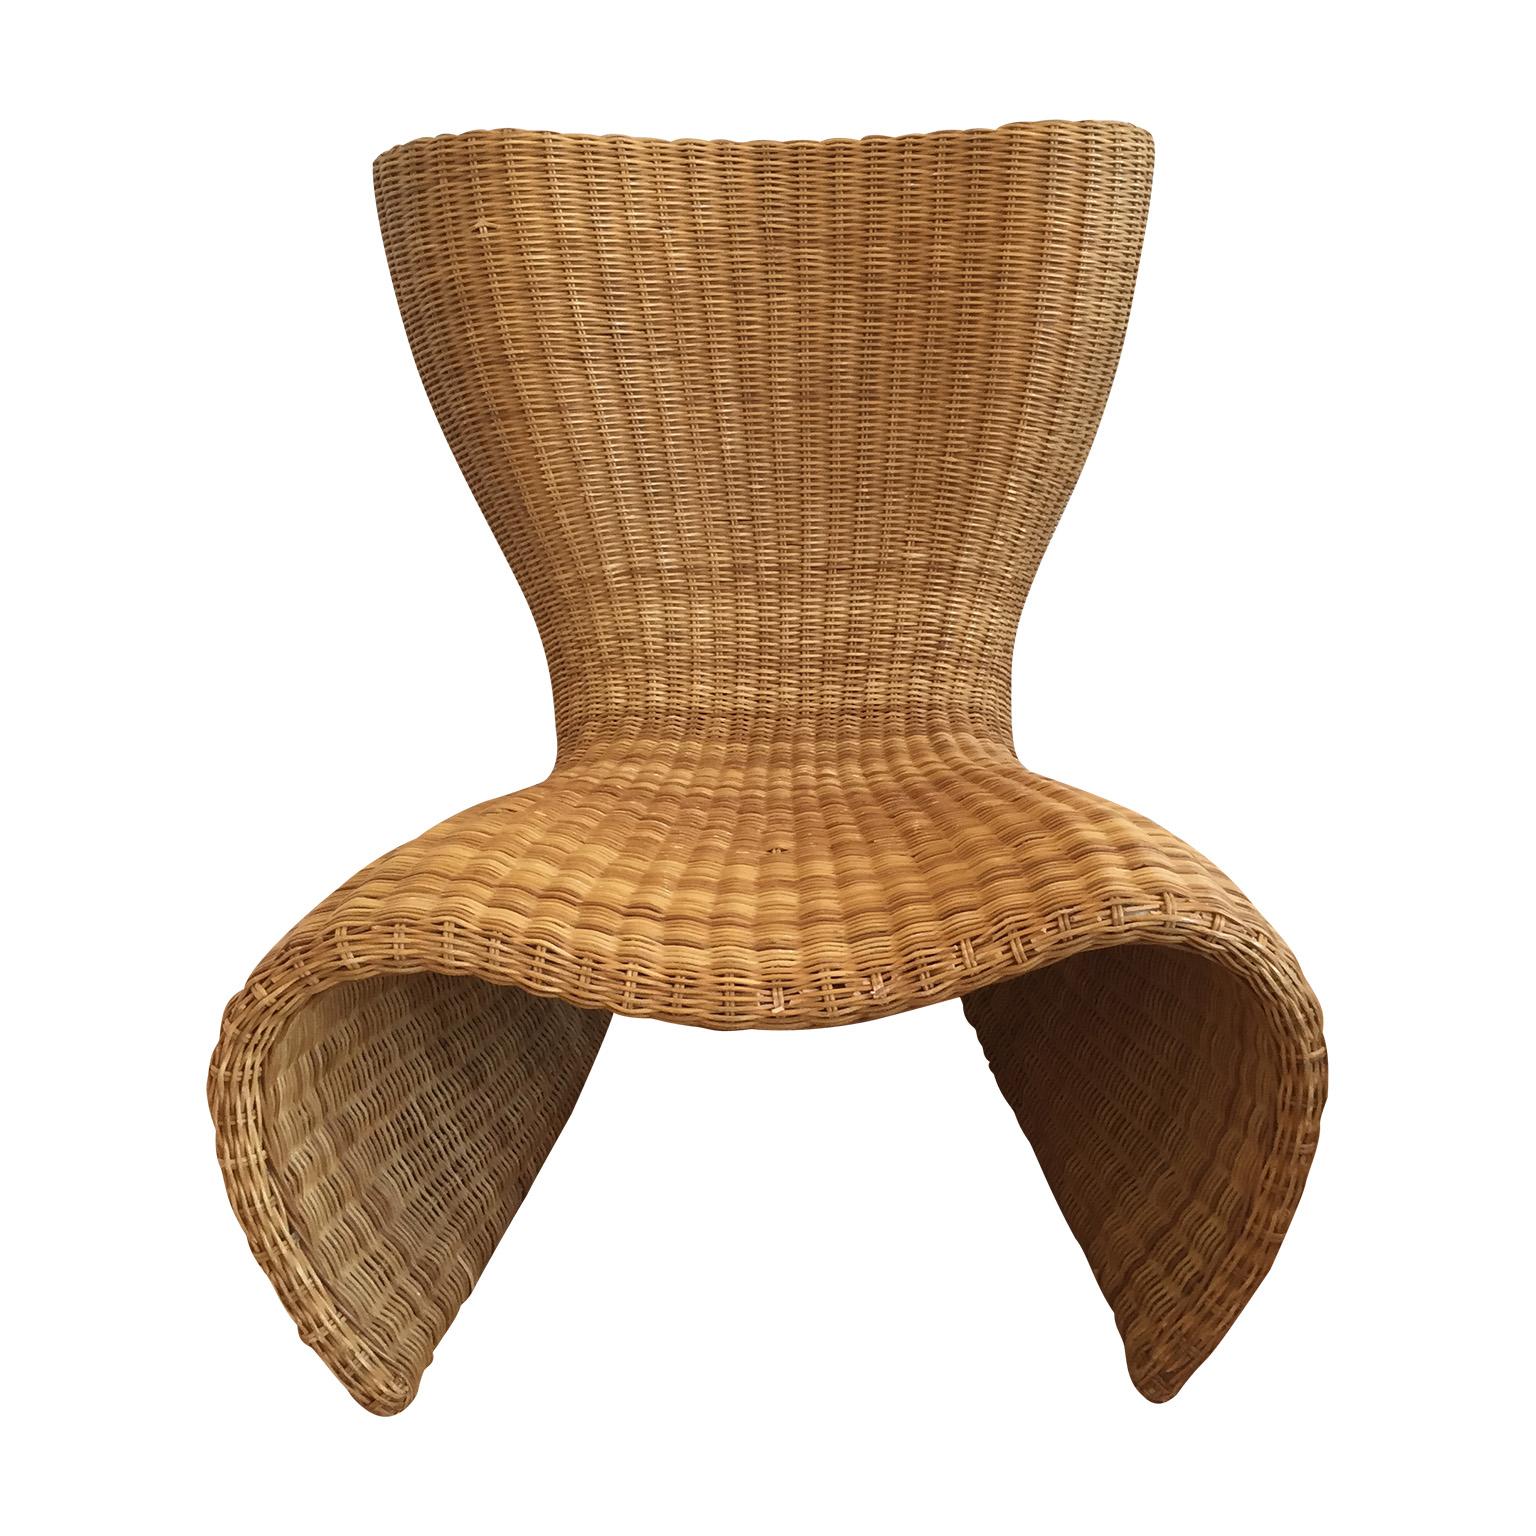 marc newson chair patio furniture leg protectors wicker  sasha bikoff